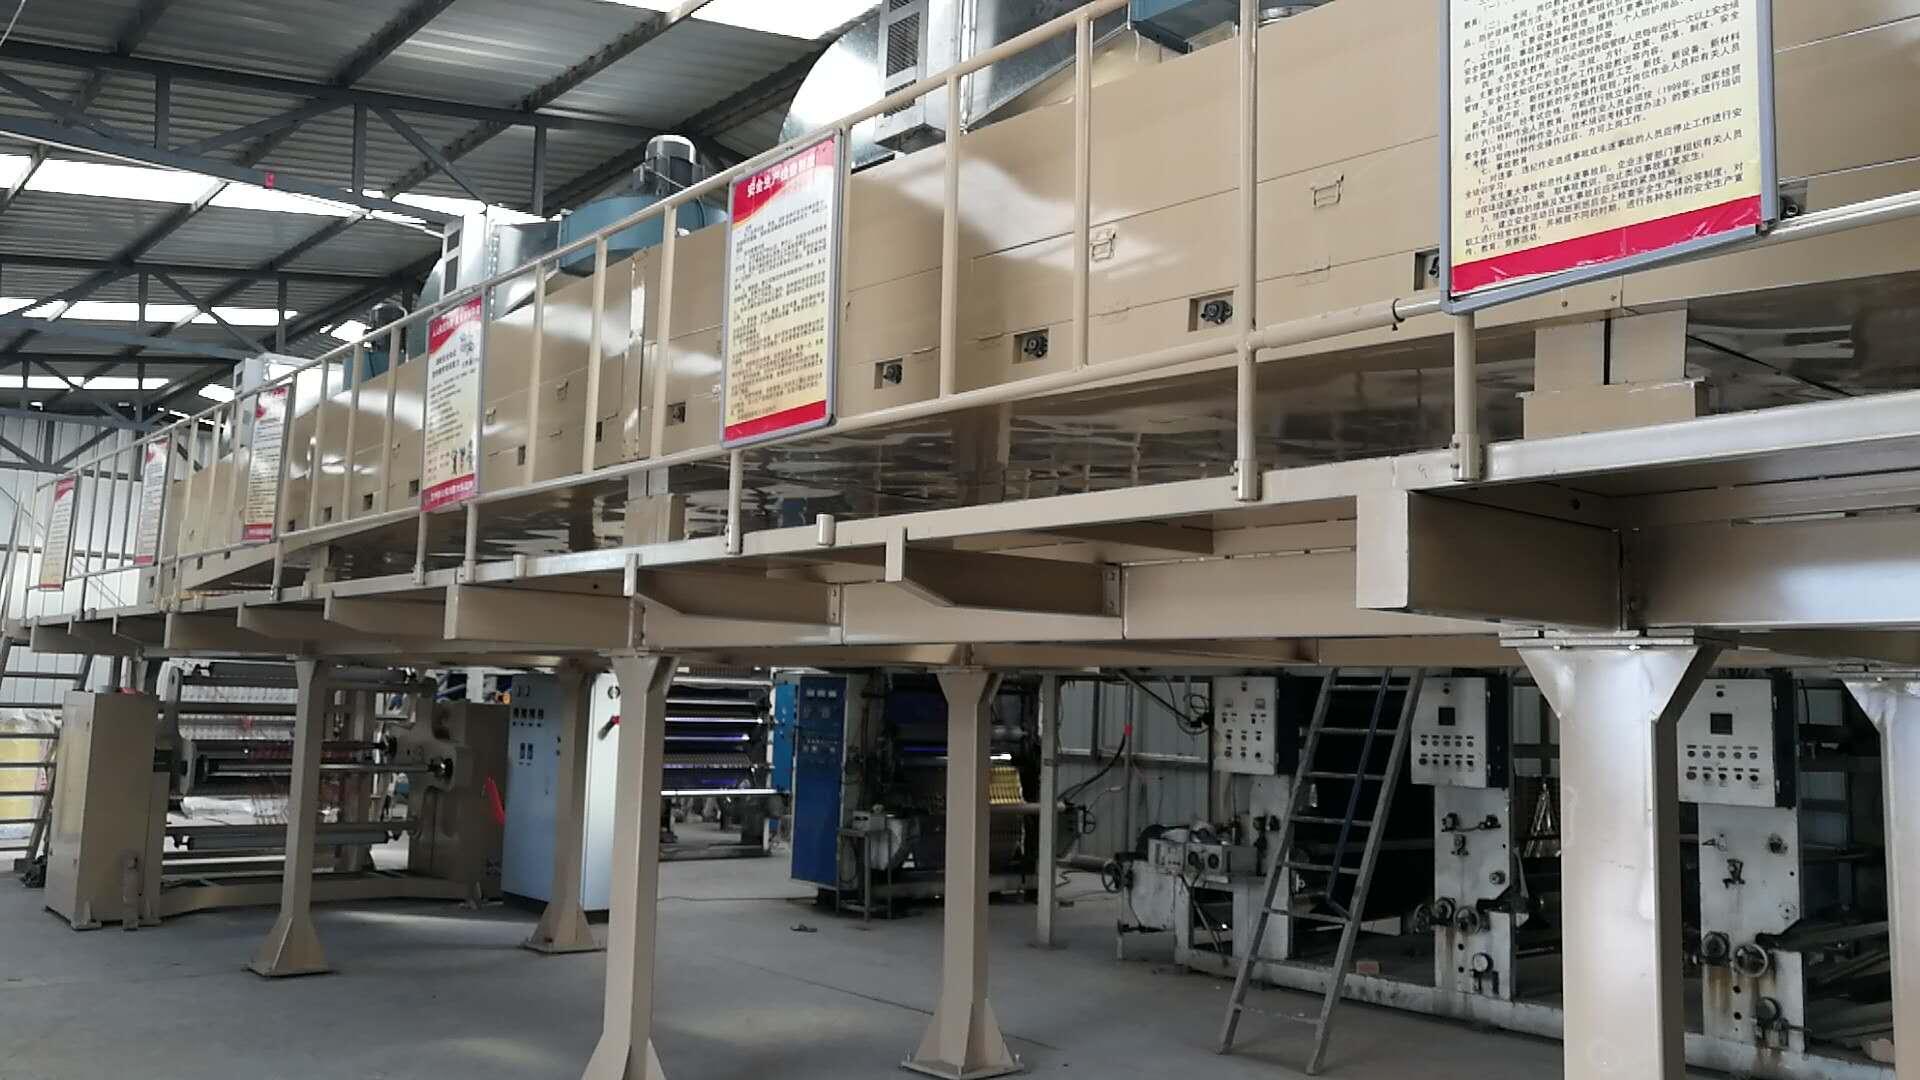 兰州雨顺胶带厂新设备胶带涂布机展示|公司资讯-兰州雨顺胶粘带有限公司